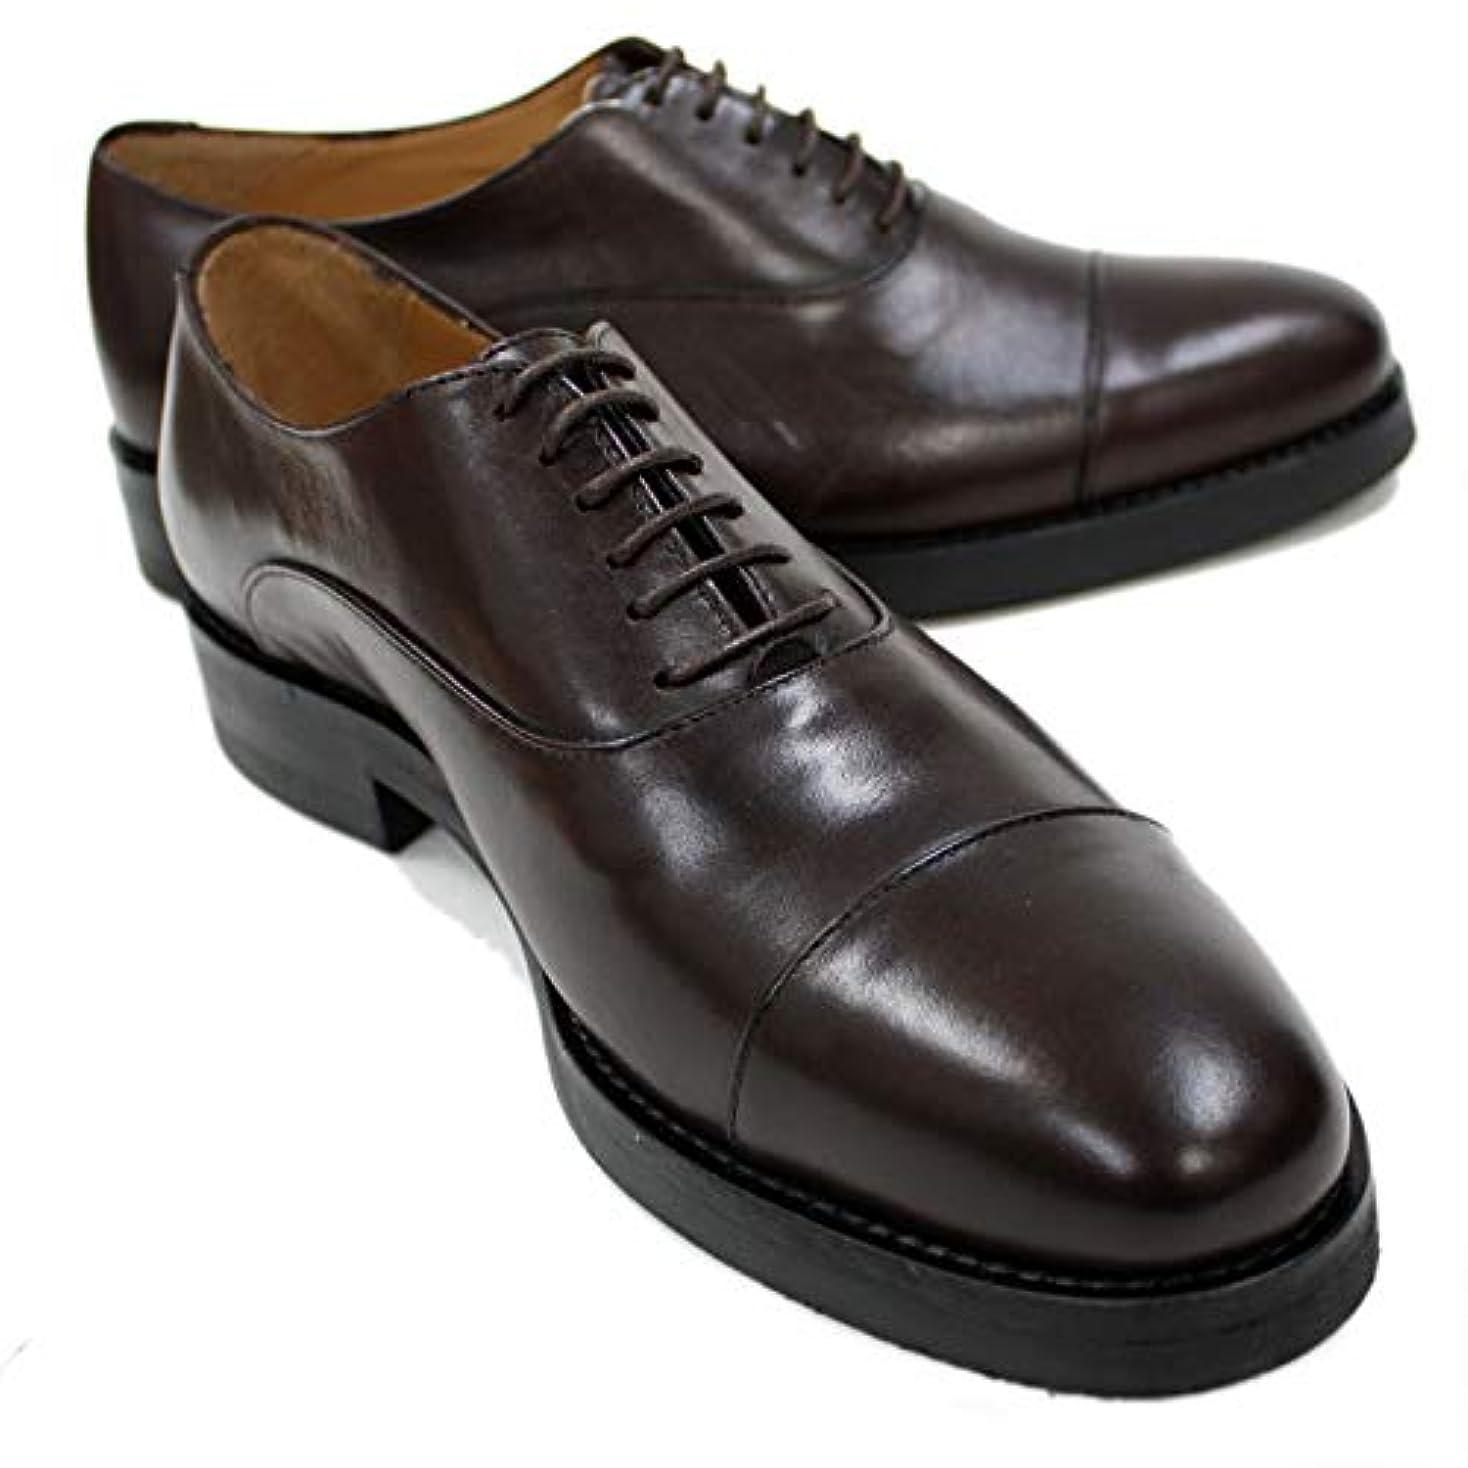 一般的な兄アレンジ(イルカンパゴ) IL CAMPAGO イタリア製 ストレートチップシューズ 茶 ドレスシューズ フォーマル対応 革靴 本革 紳士靴 ラバーソール